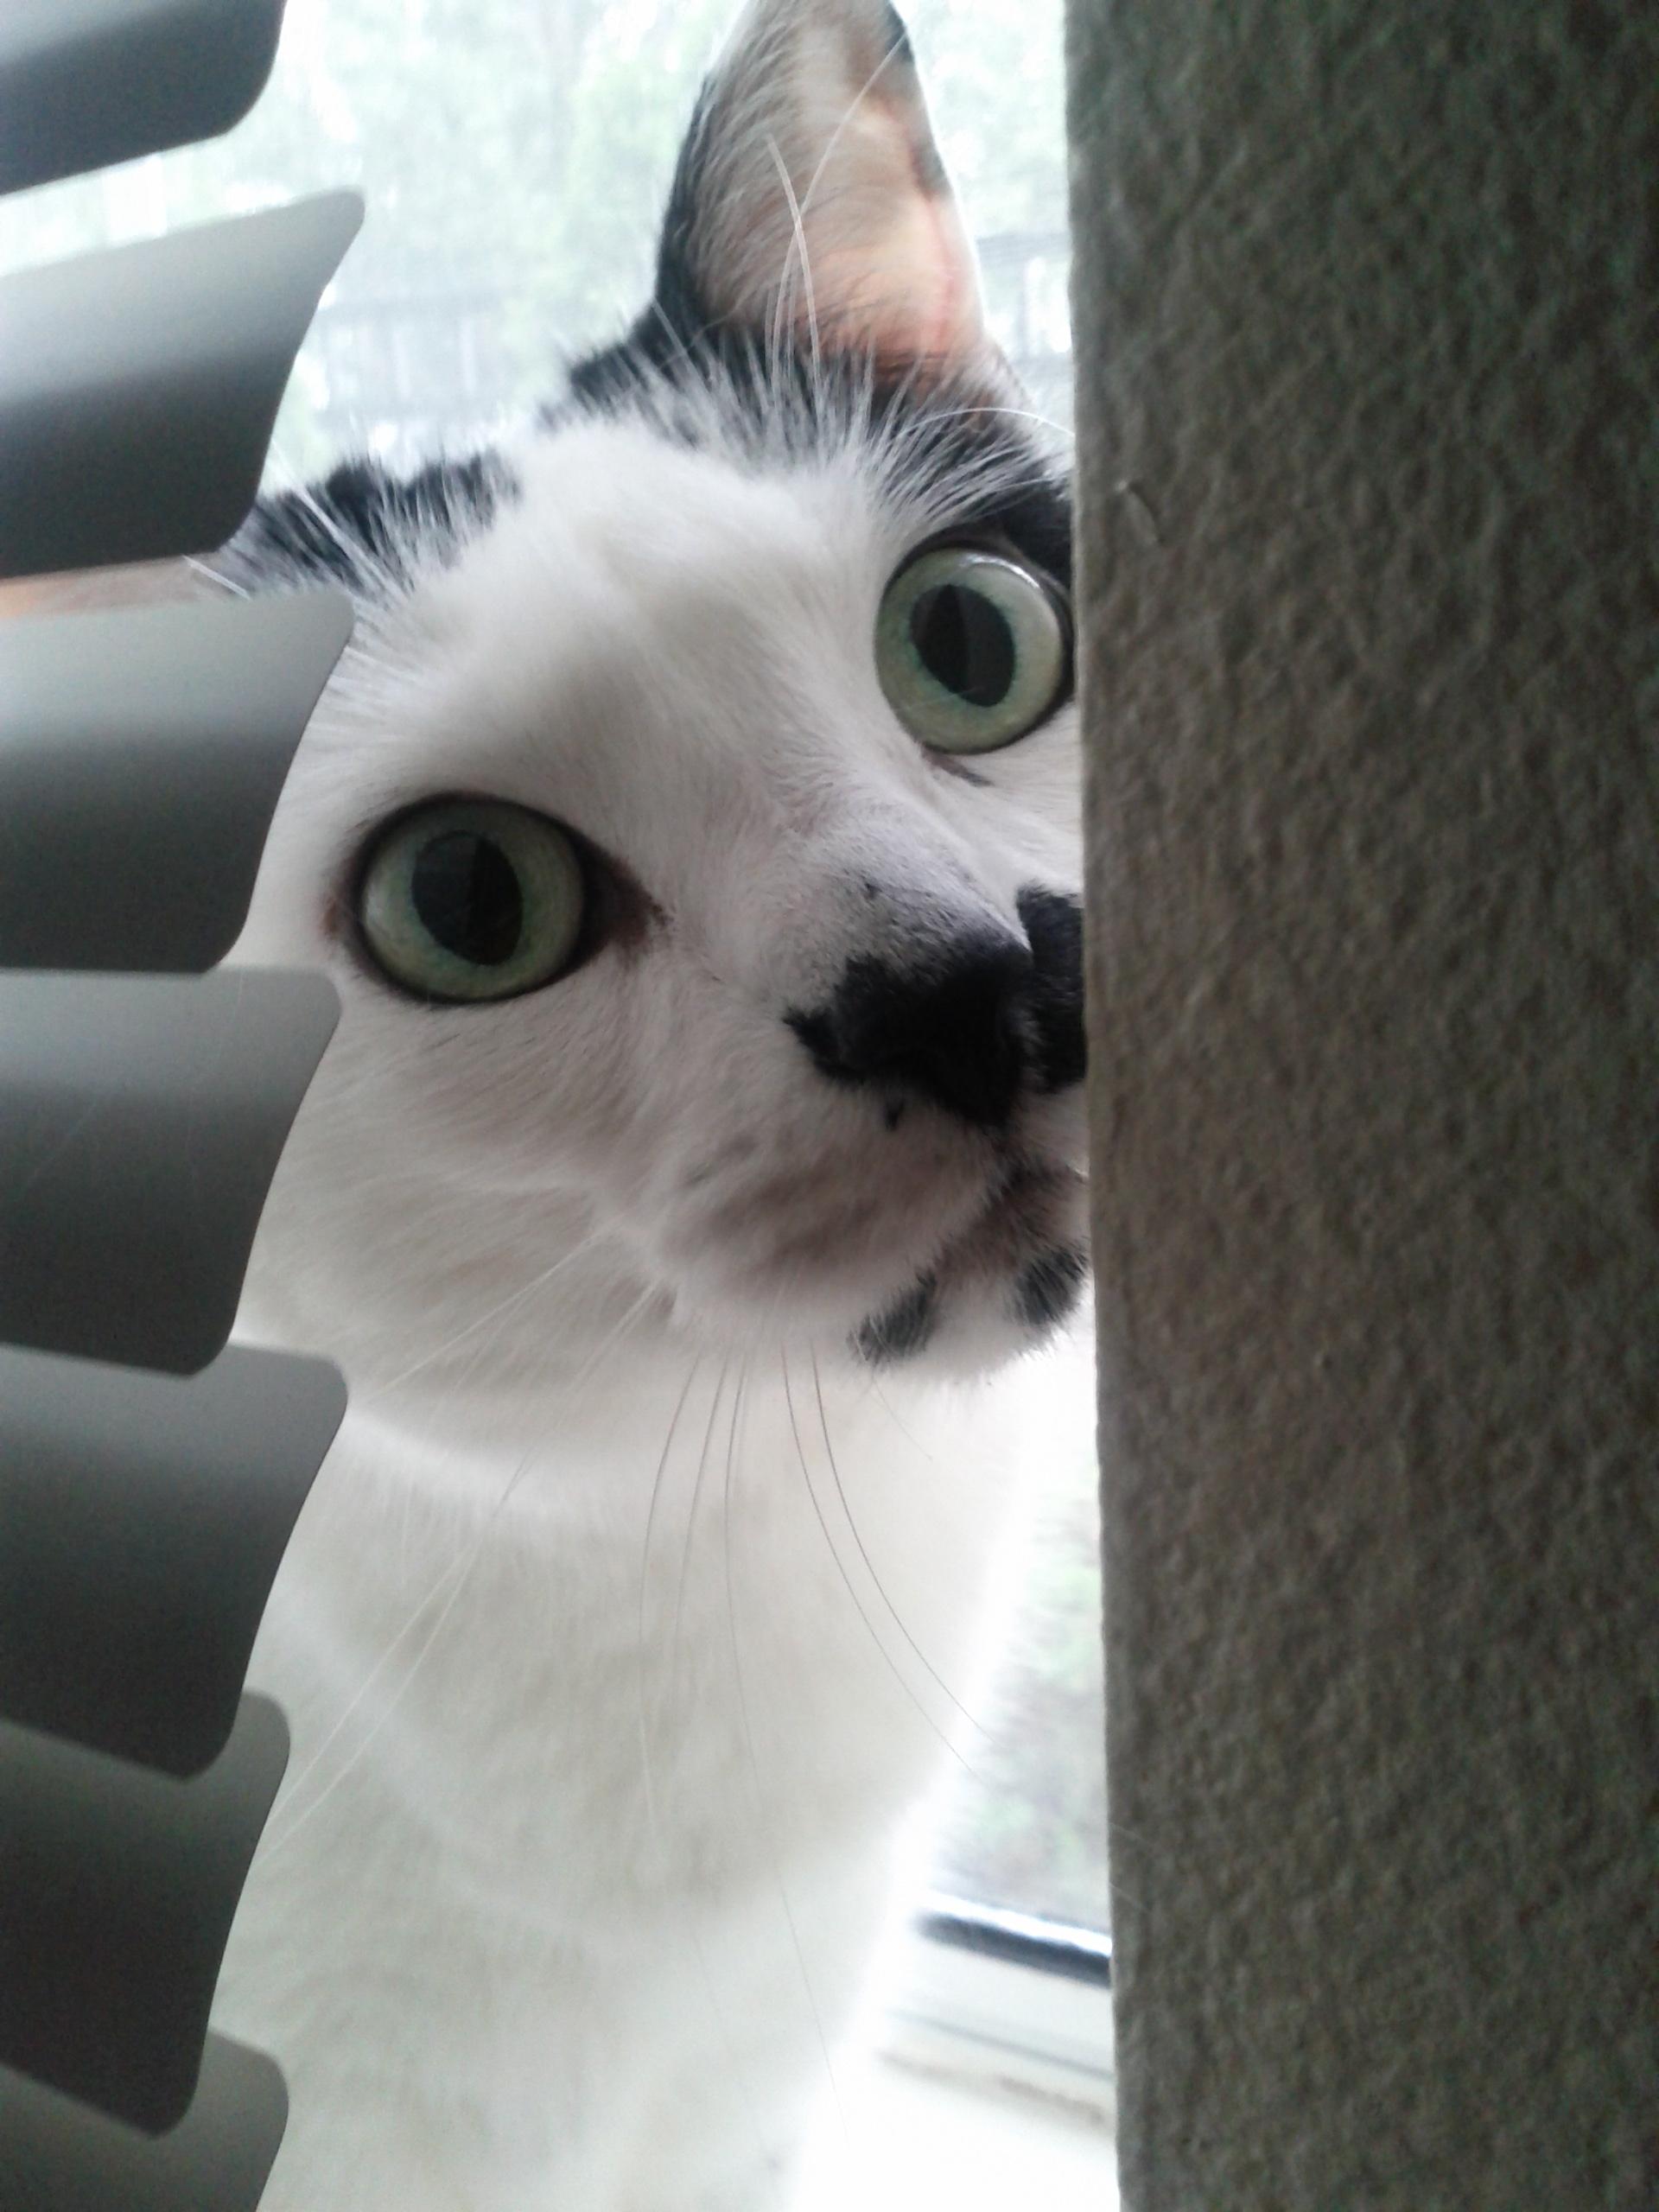 The cat whisperer via the Emotion Code